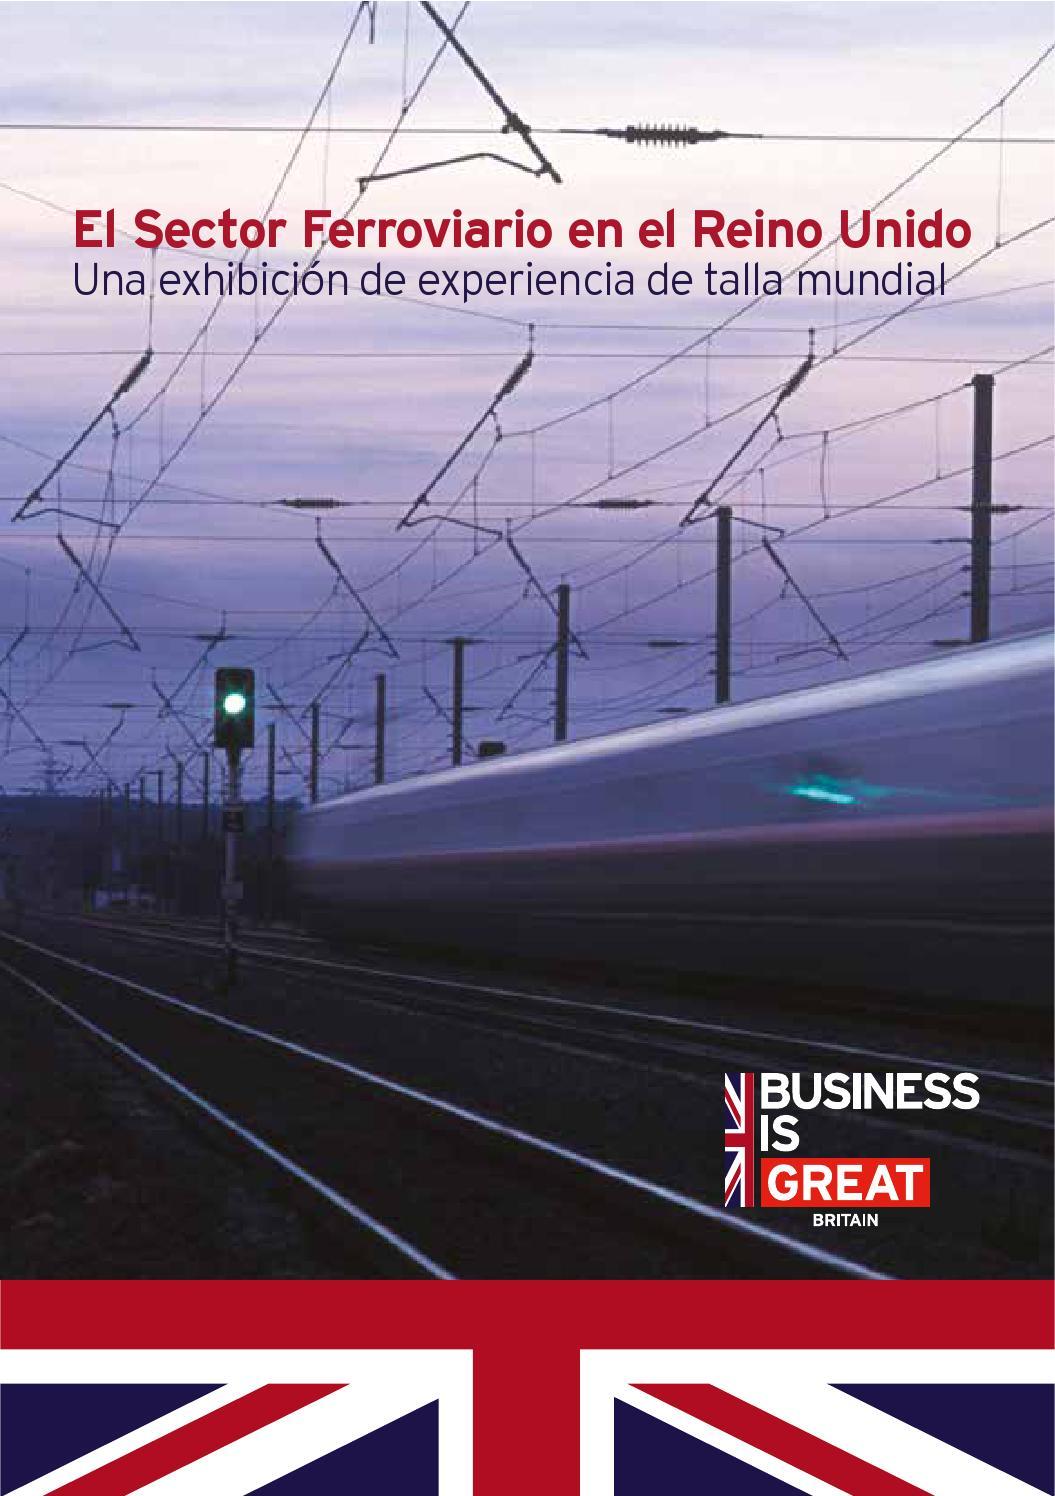 El sector ferroviario en el Reino Unido by BPCC - Cámara de Comercio ...